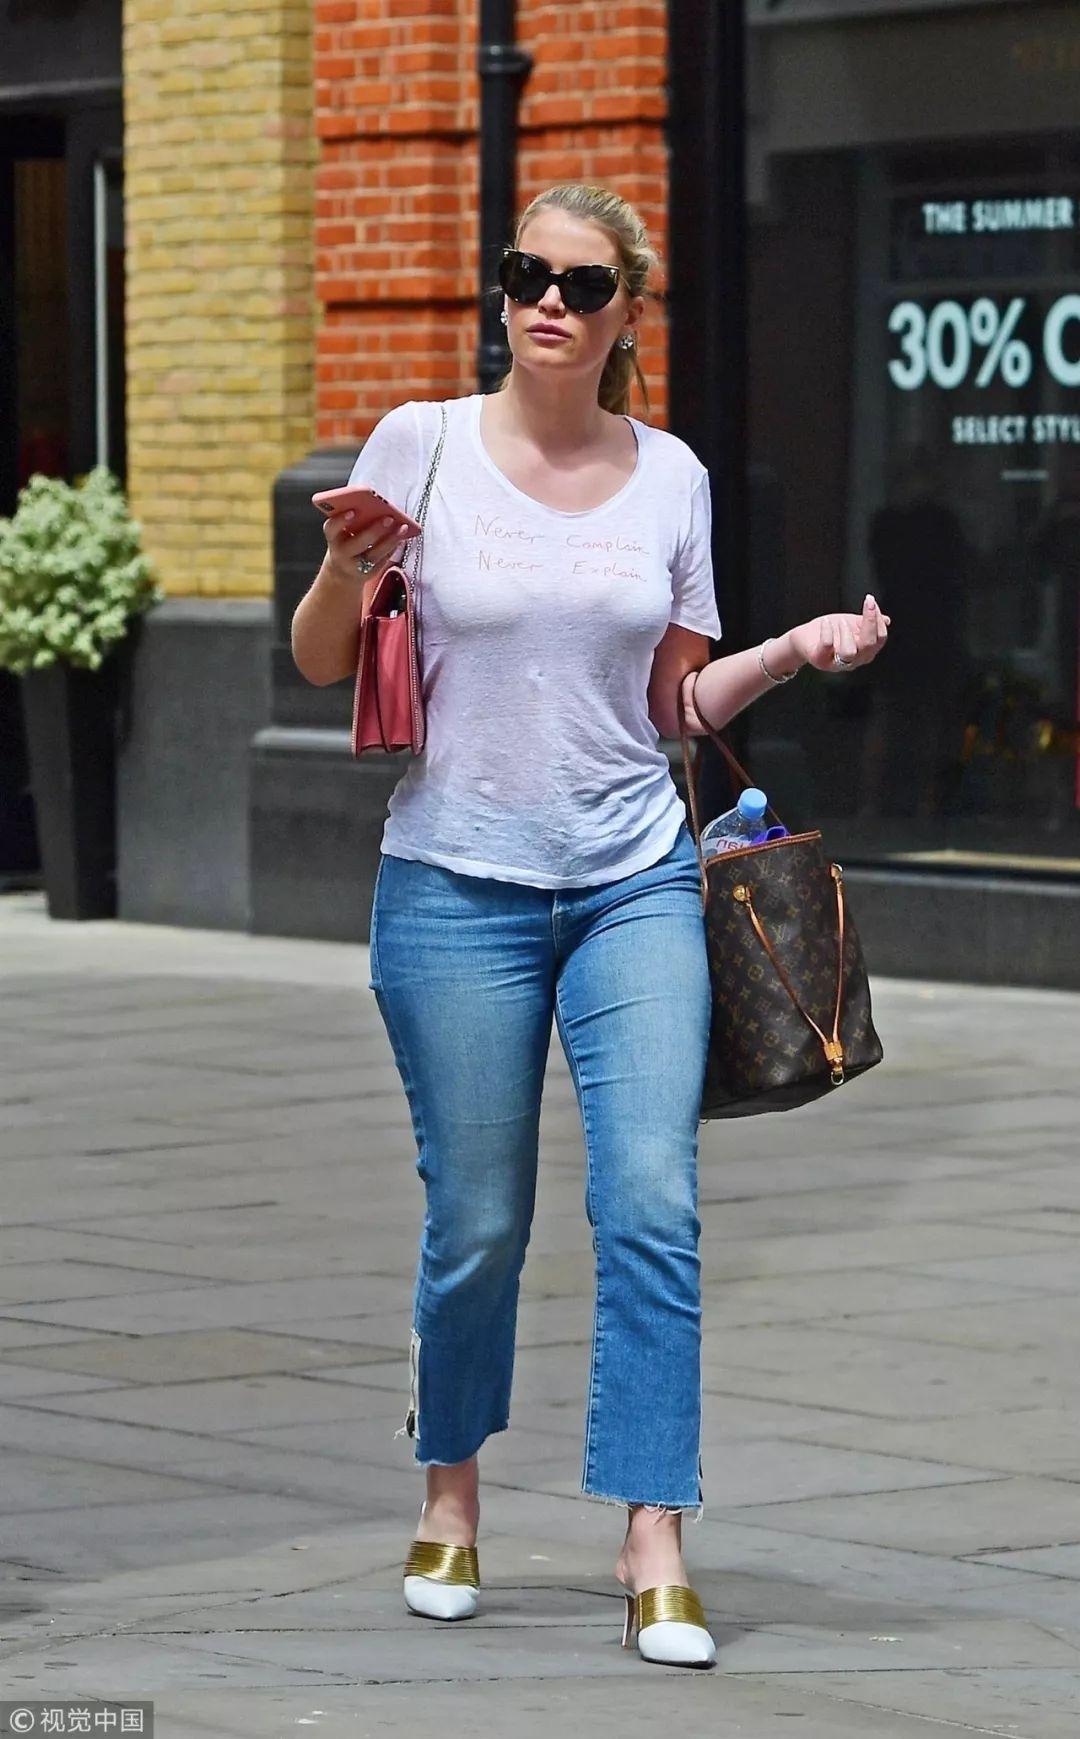 其实白Tee+牛仔裤,并非谁都能穿时髦...